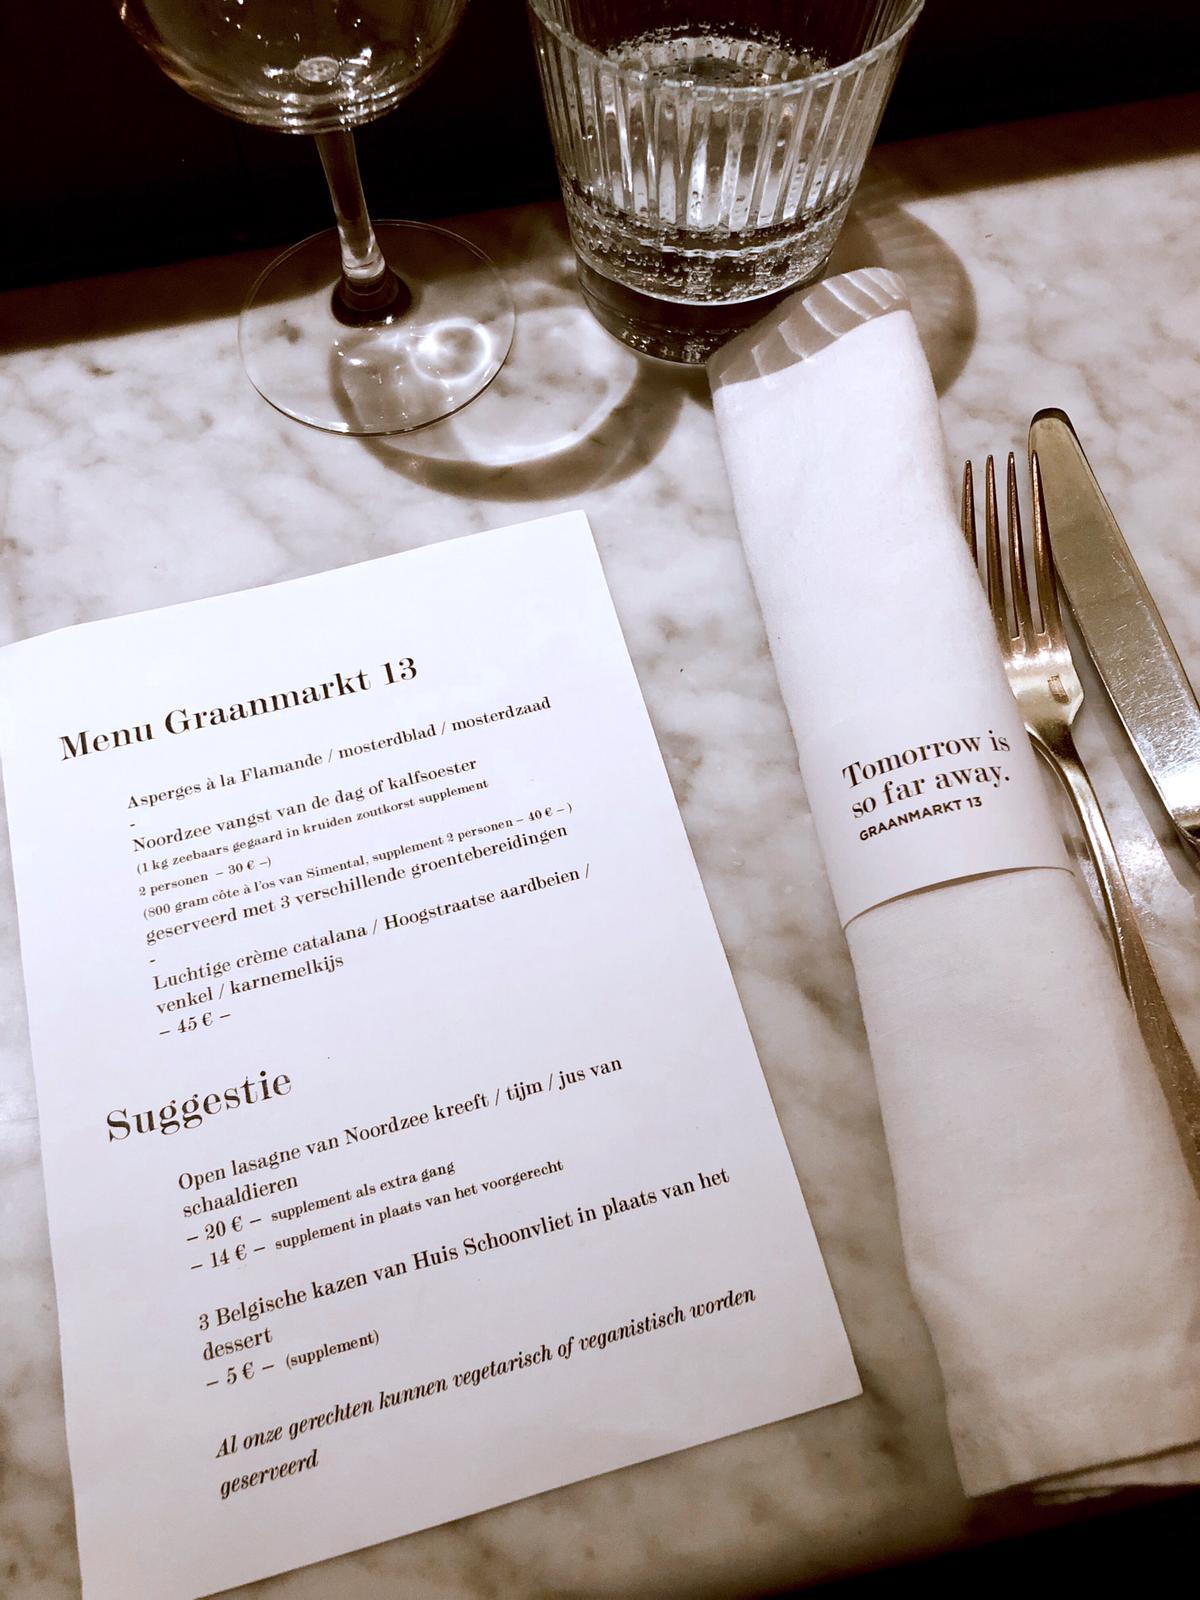 menu Graanmarkt 13